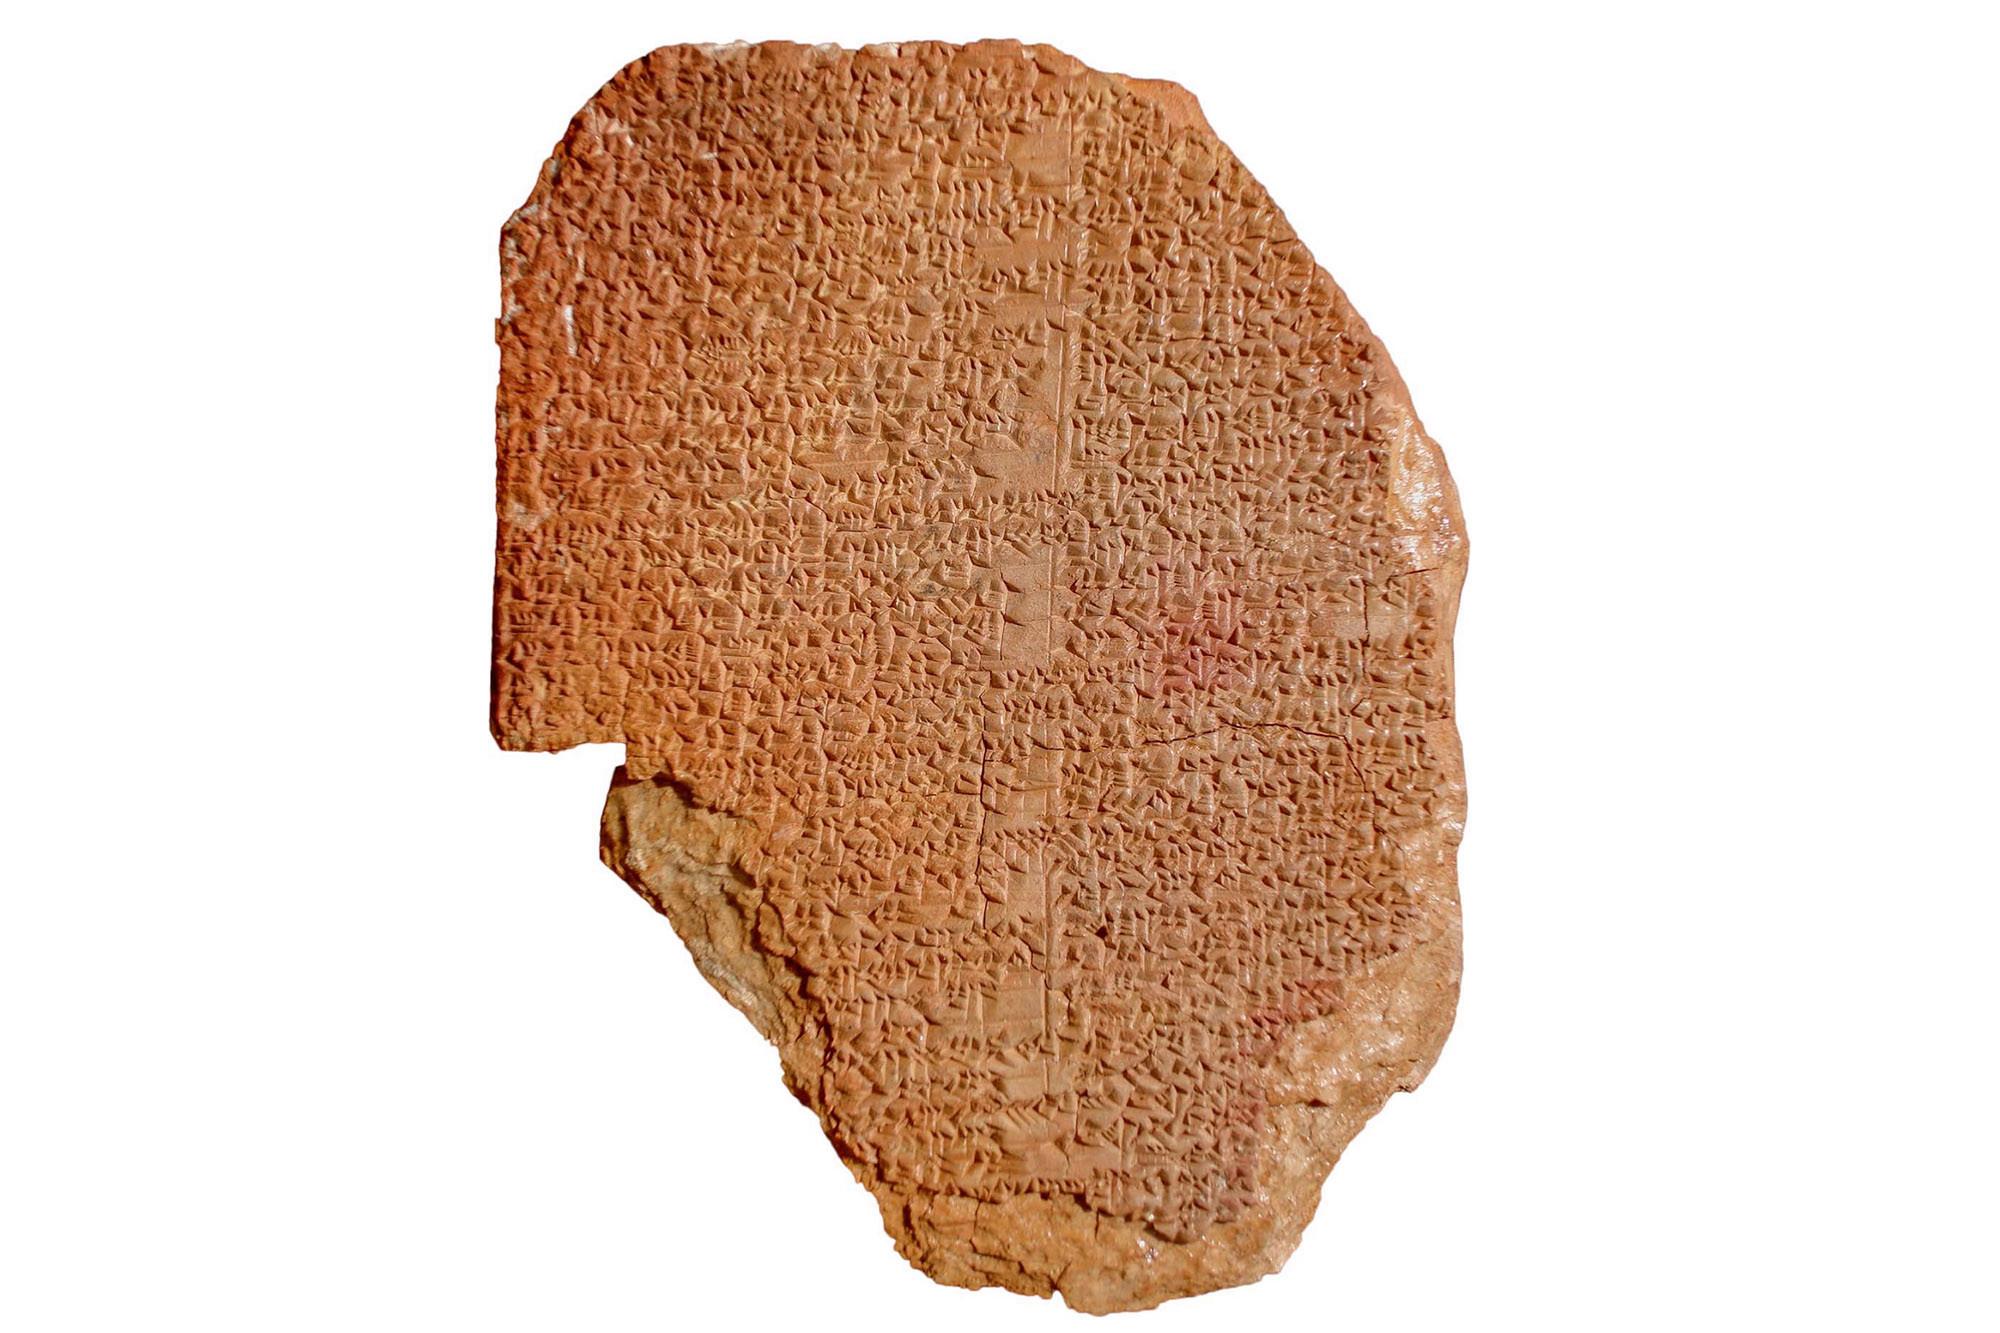 (Fonte: Museu da Bíblia/Reprodução)